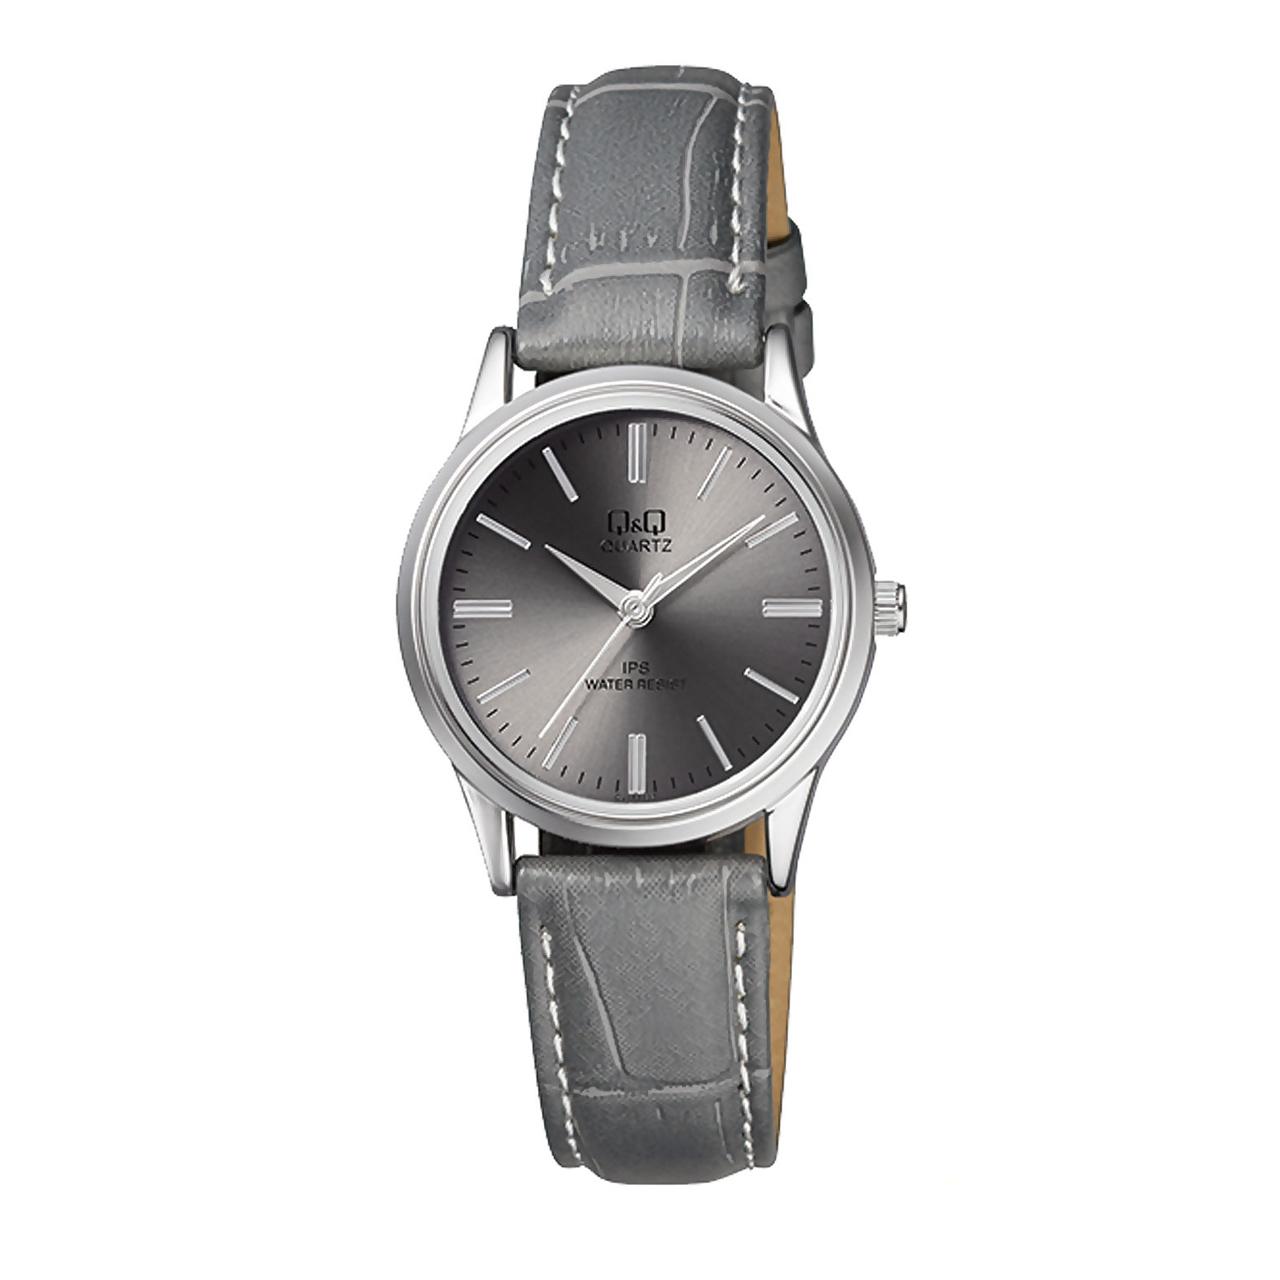 ساعت مچی عقربه ای زنانه کیو اند کیو مدل C215J322Y به همراه دستمال مخصوص برند کلین واچ